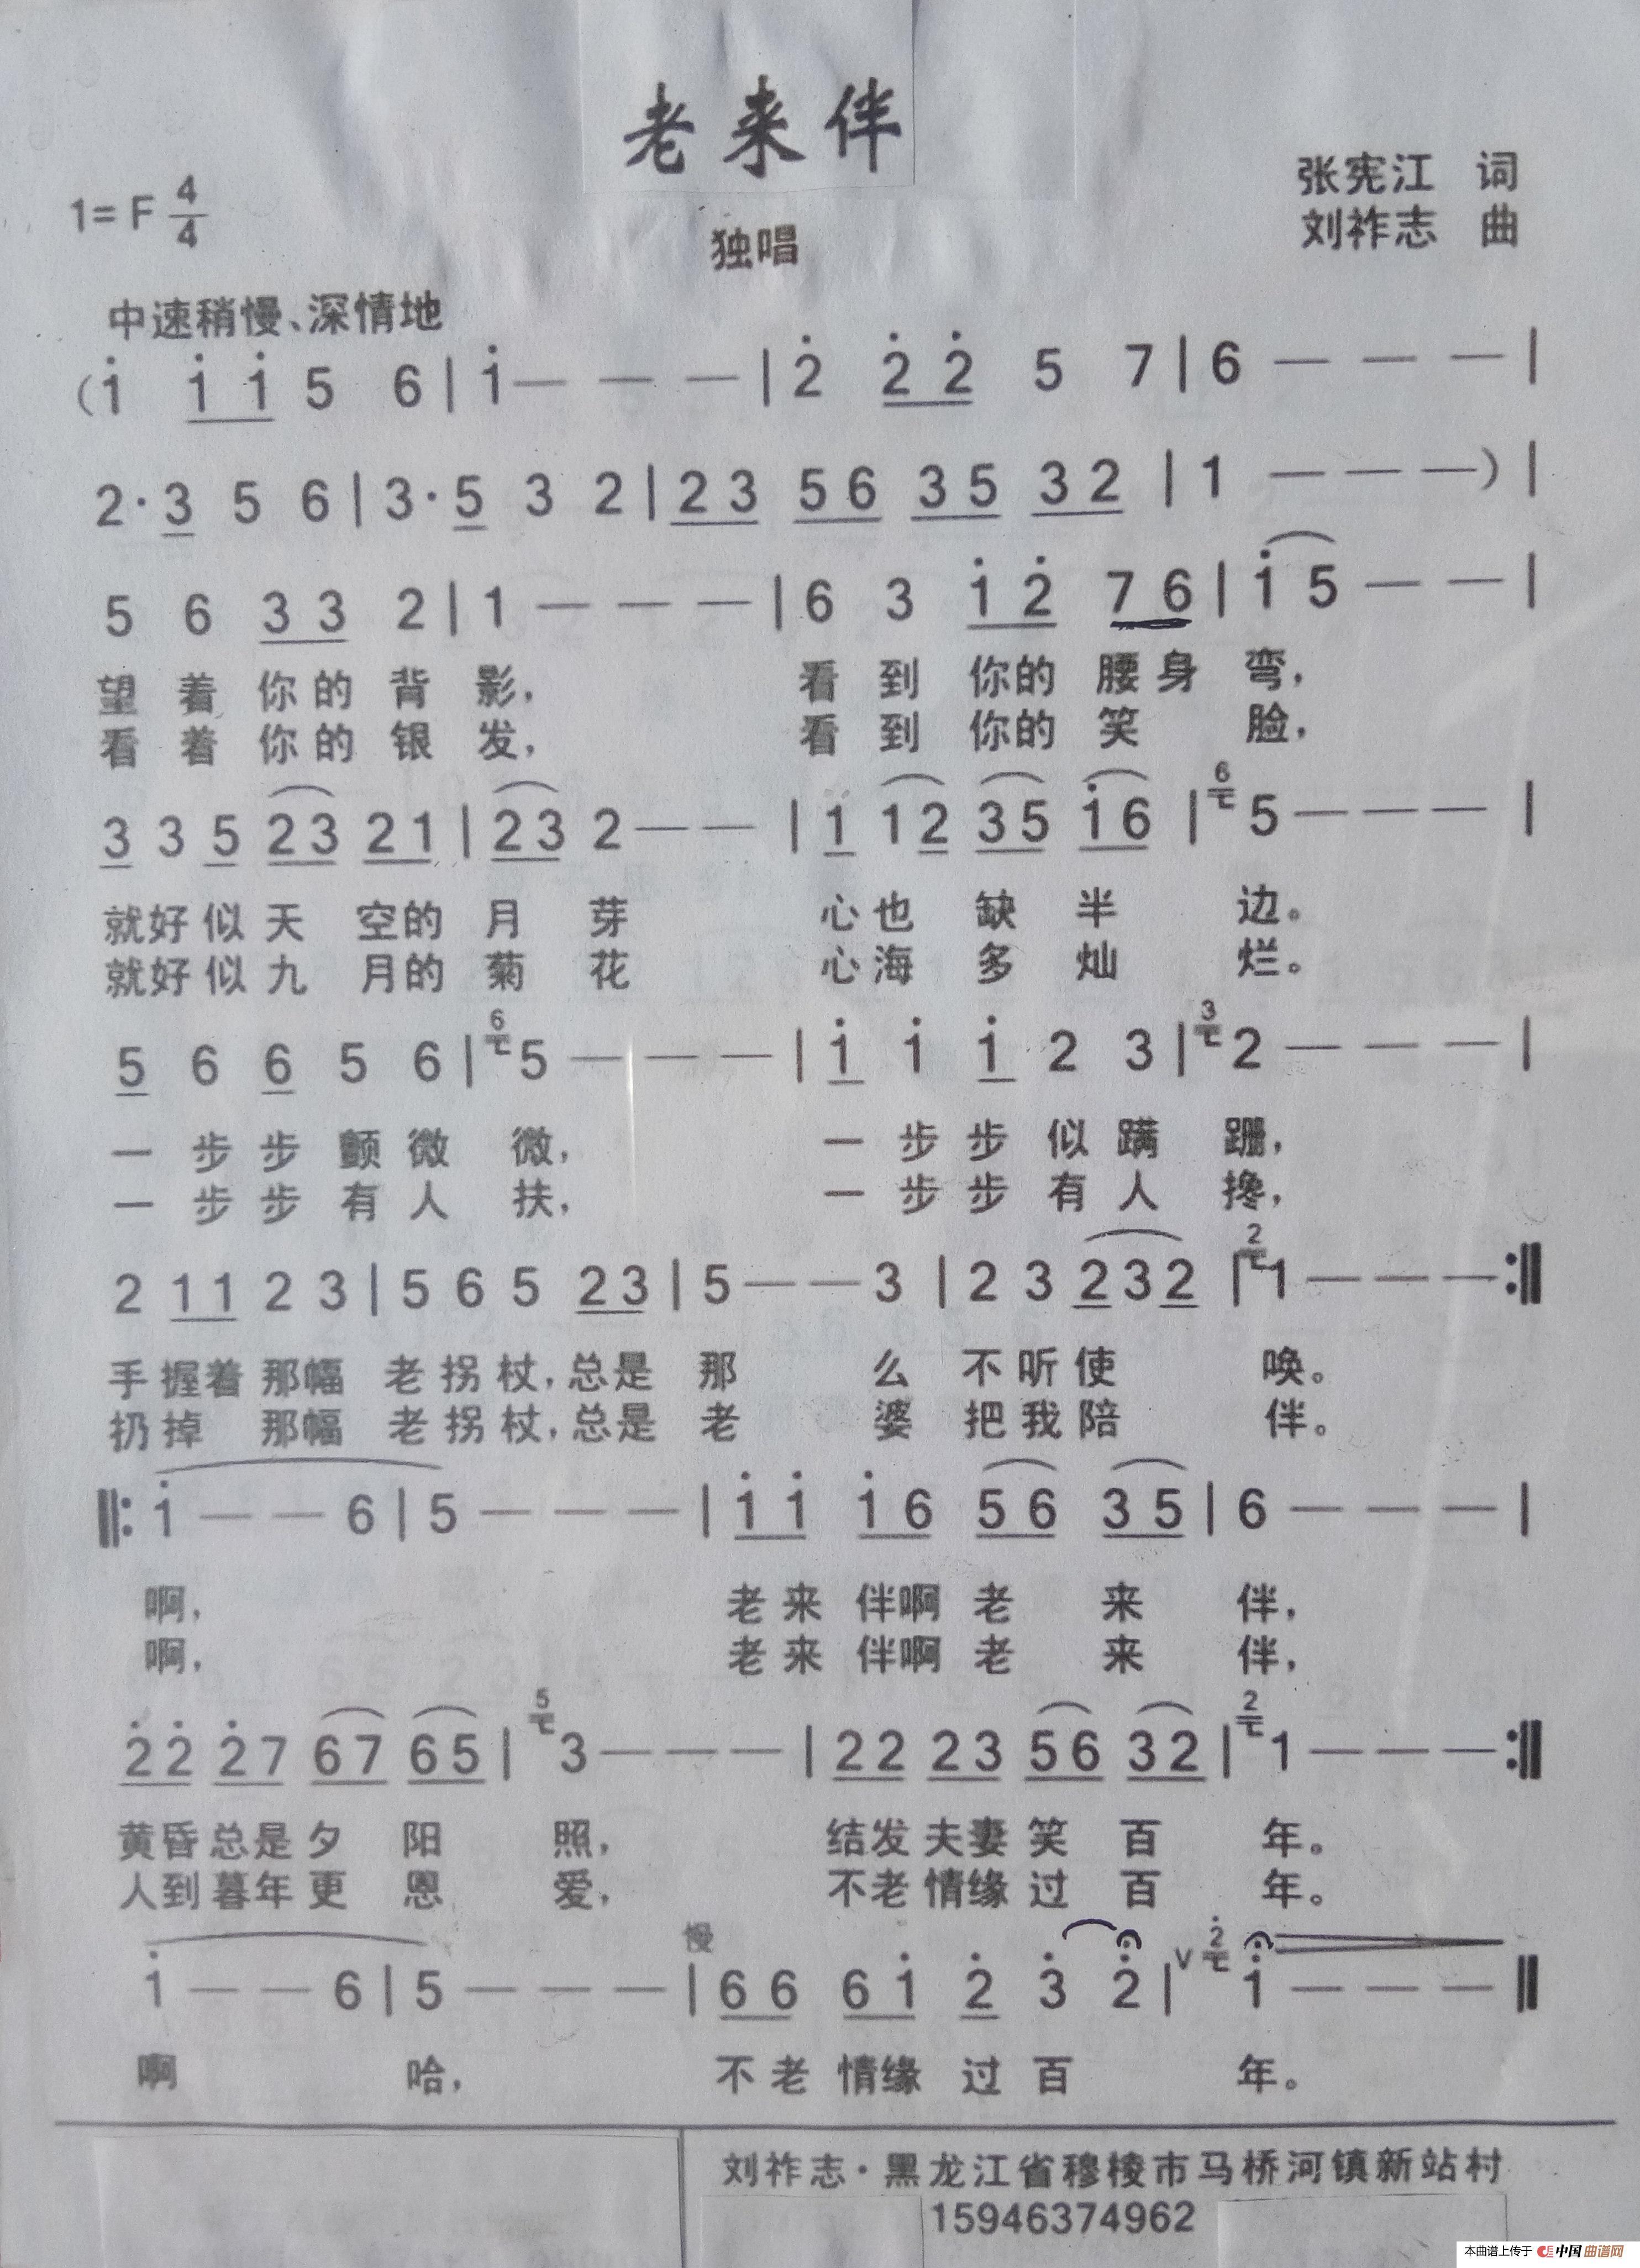 万国志曲谱_万国志徐念